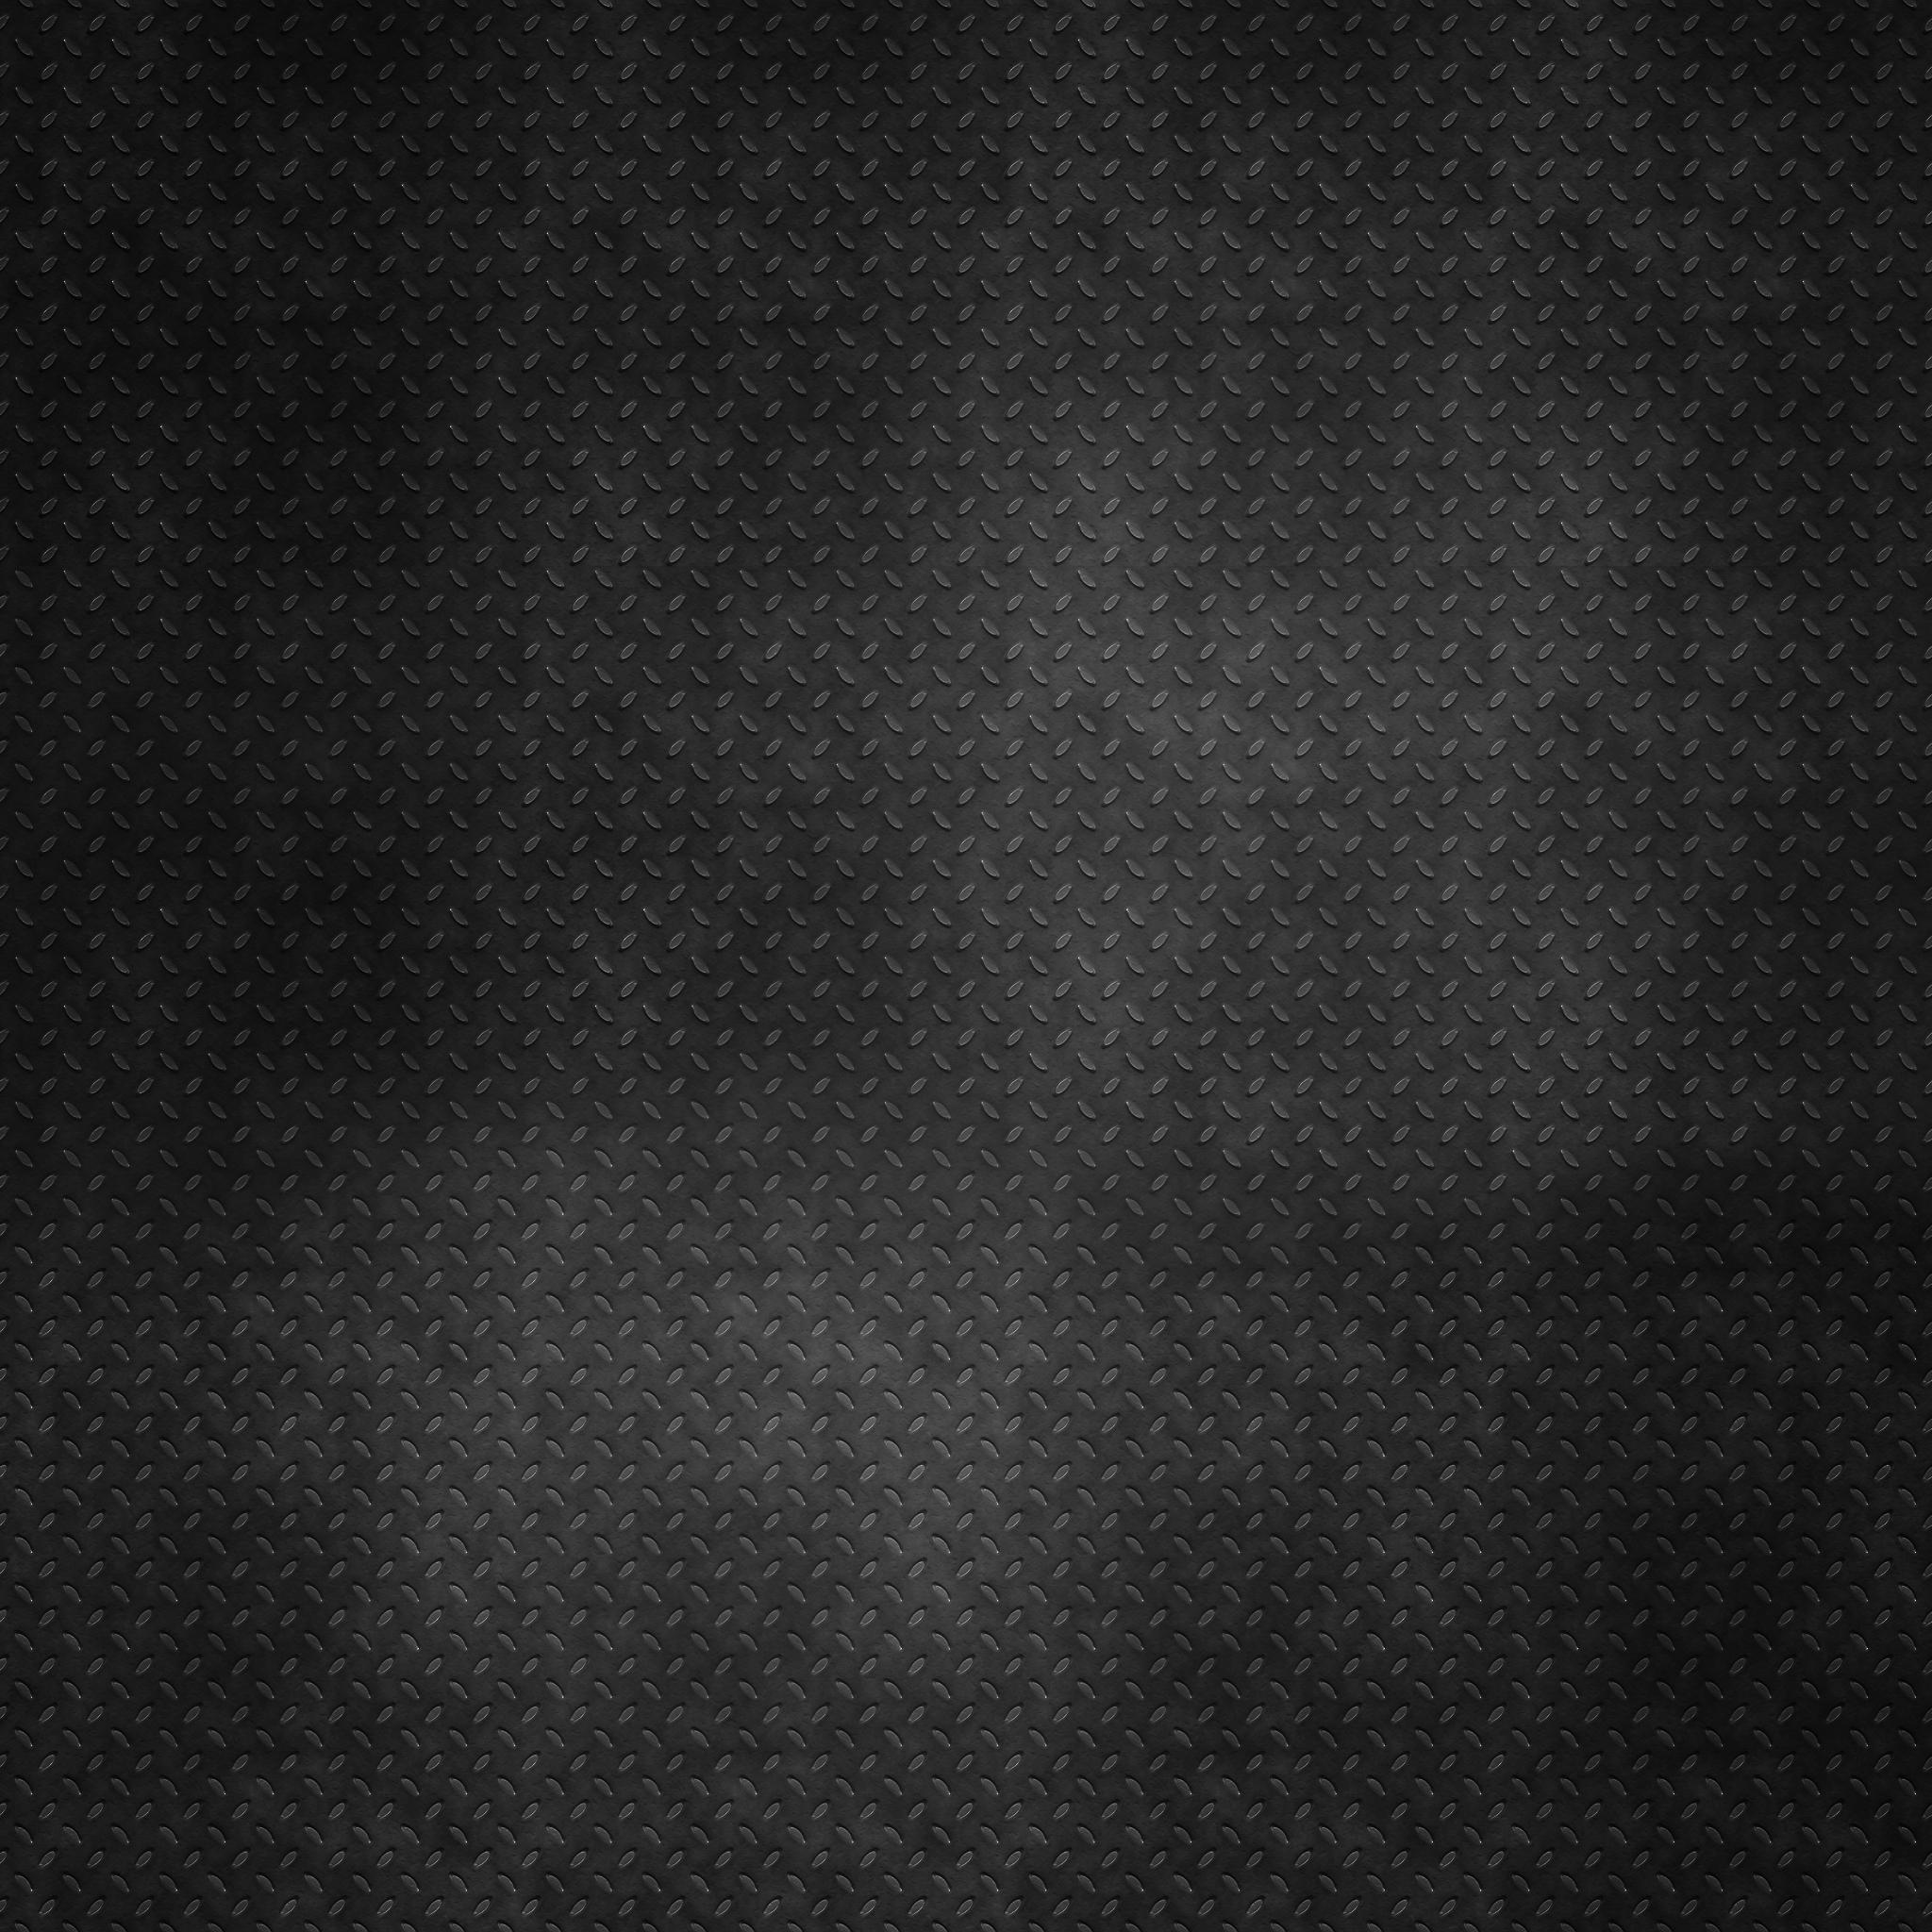 74+] Black Metal Wallpaper on WallpaperSafari